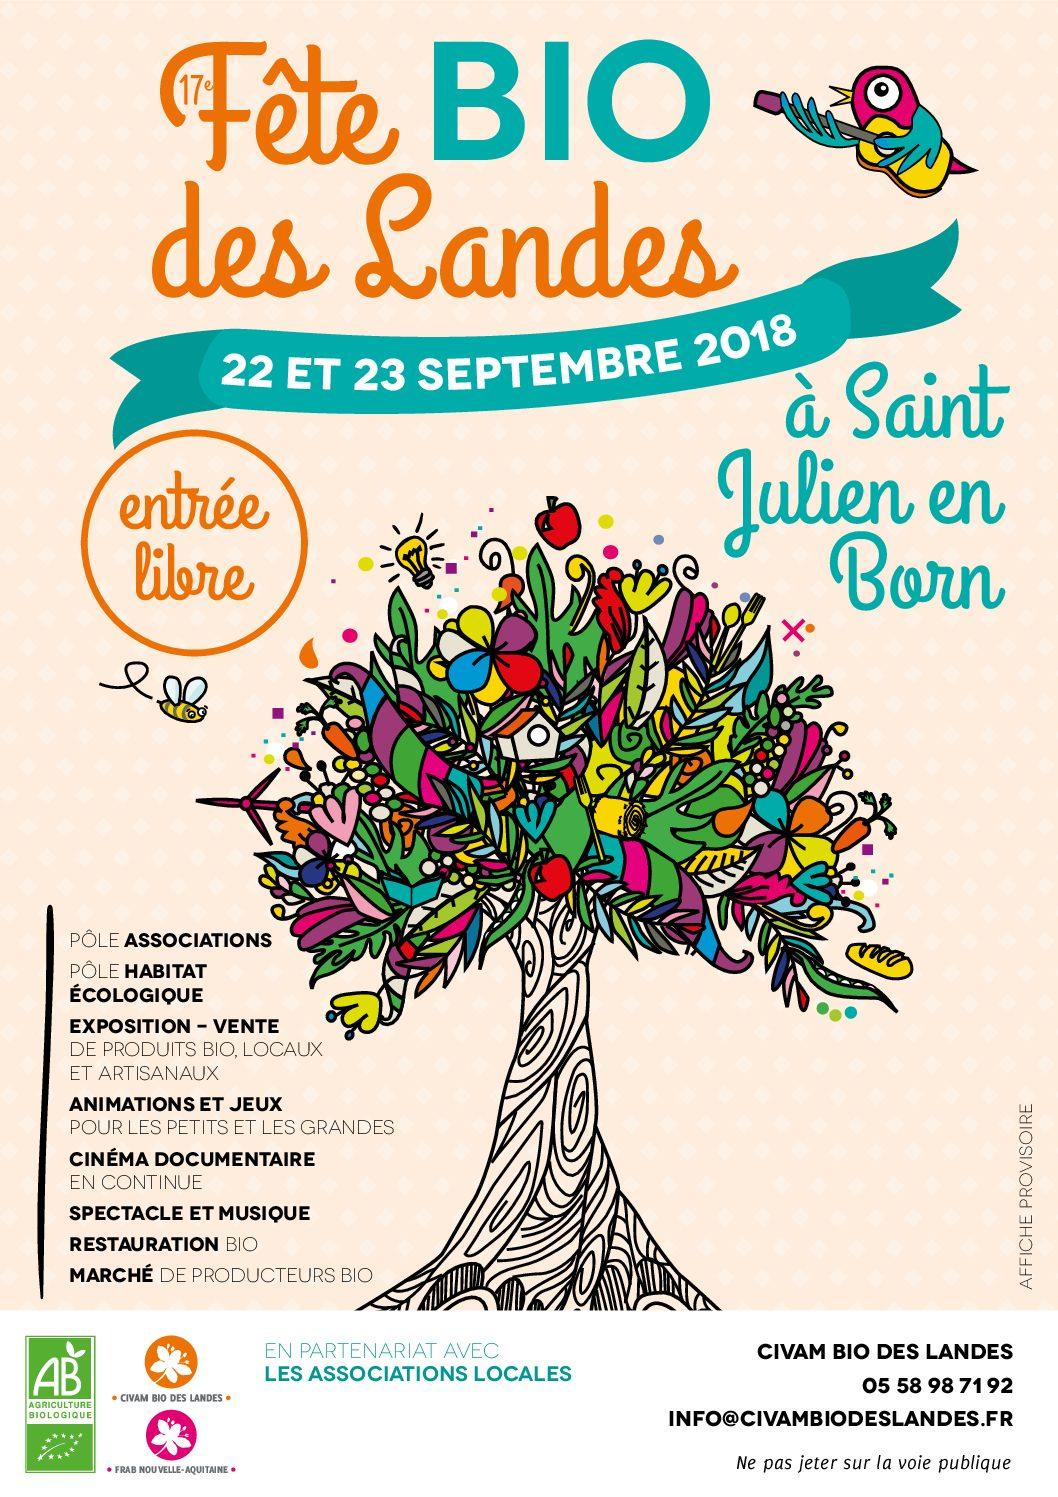 Fête BIO des Landes le Dimanche 23  Septembre 2018 à Saint Julien en Born (Landes)